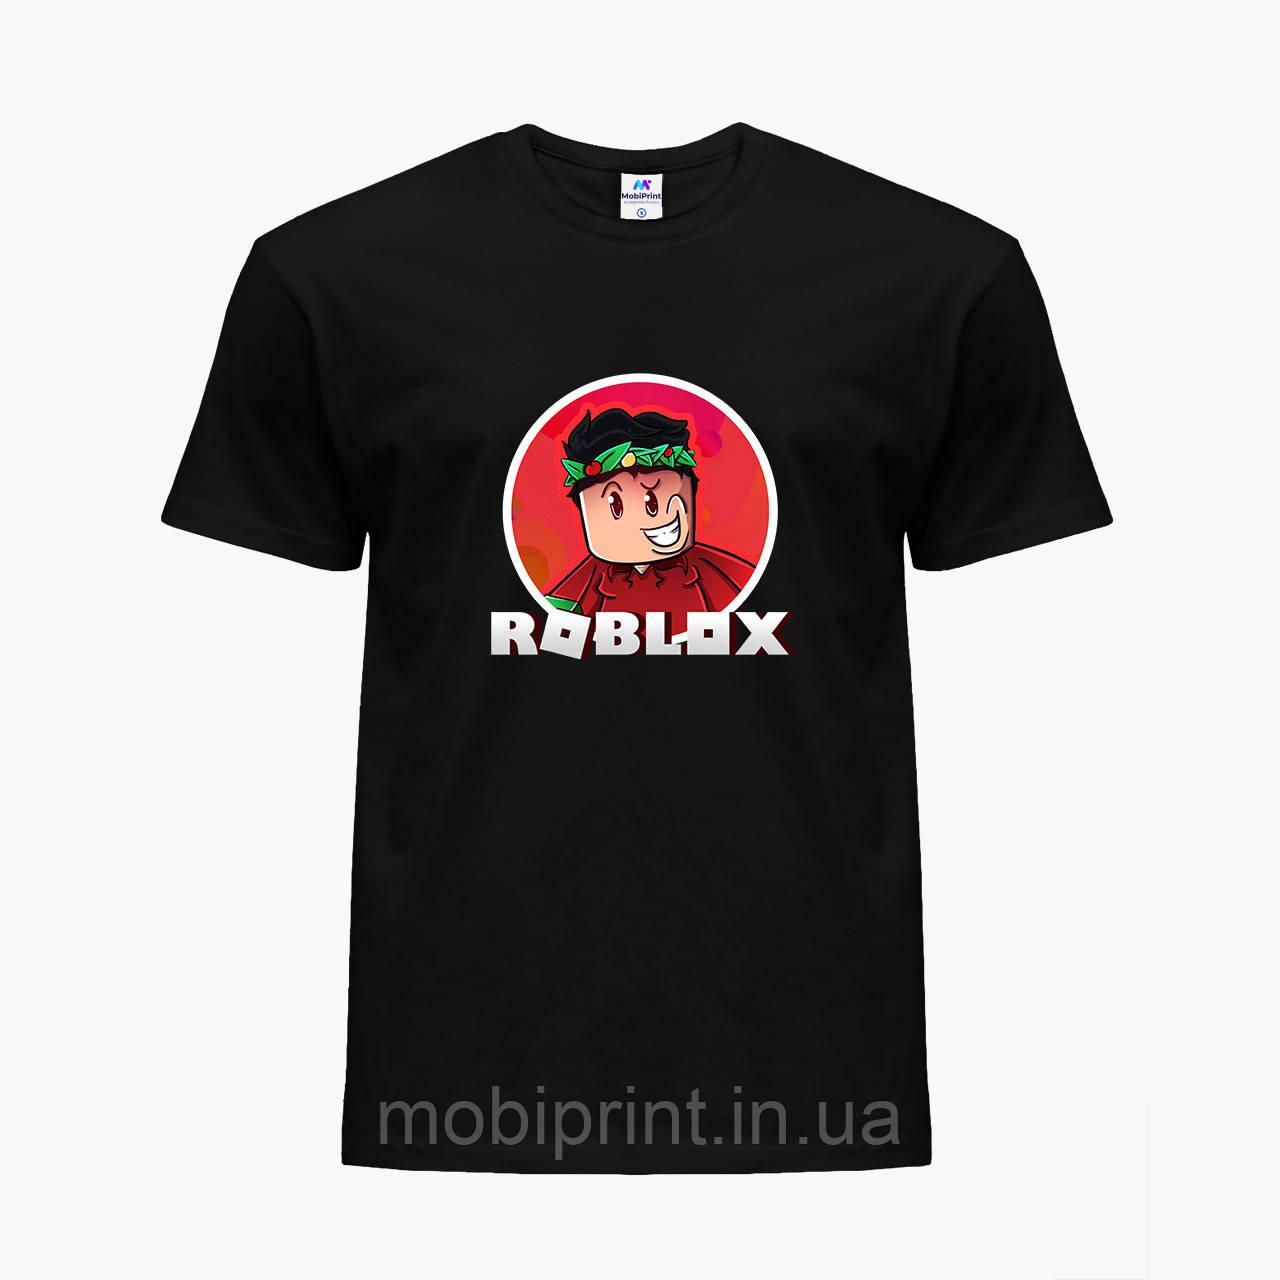 Детская футболка для мальчиков Роблокс (Roblox) (25186-1225) Черный